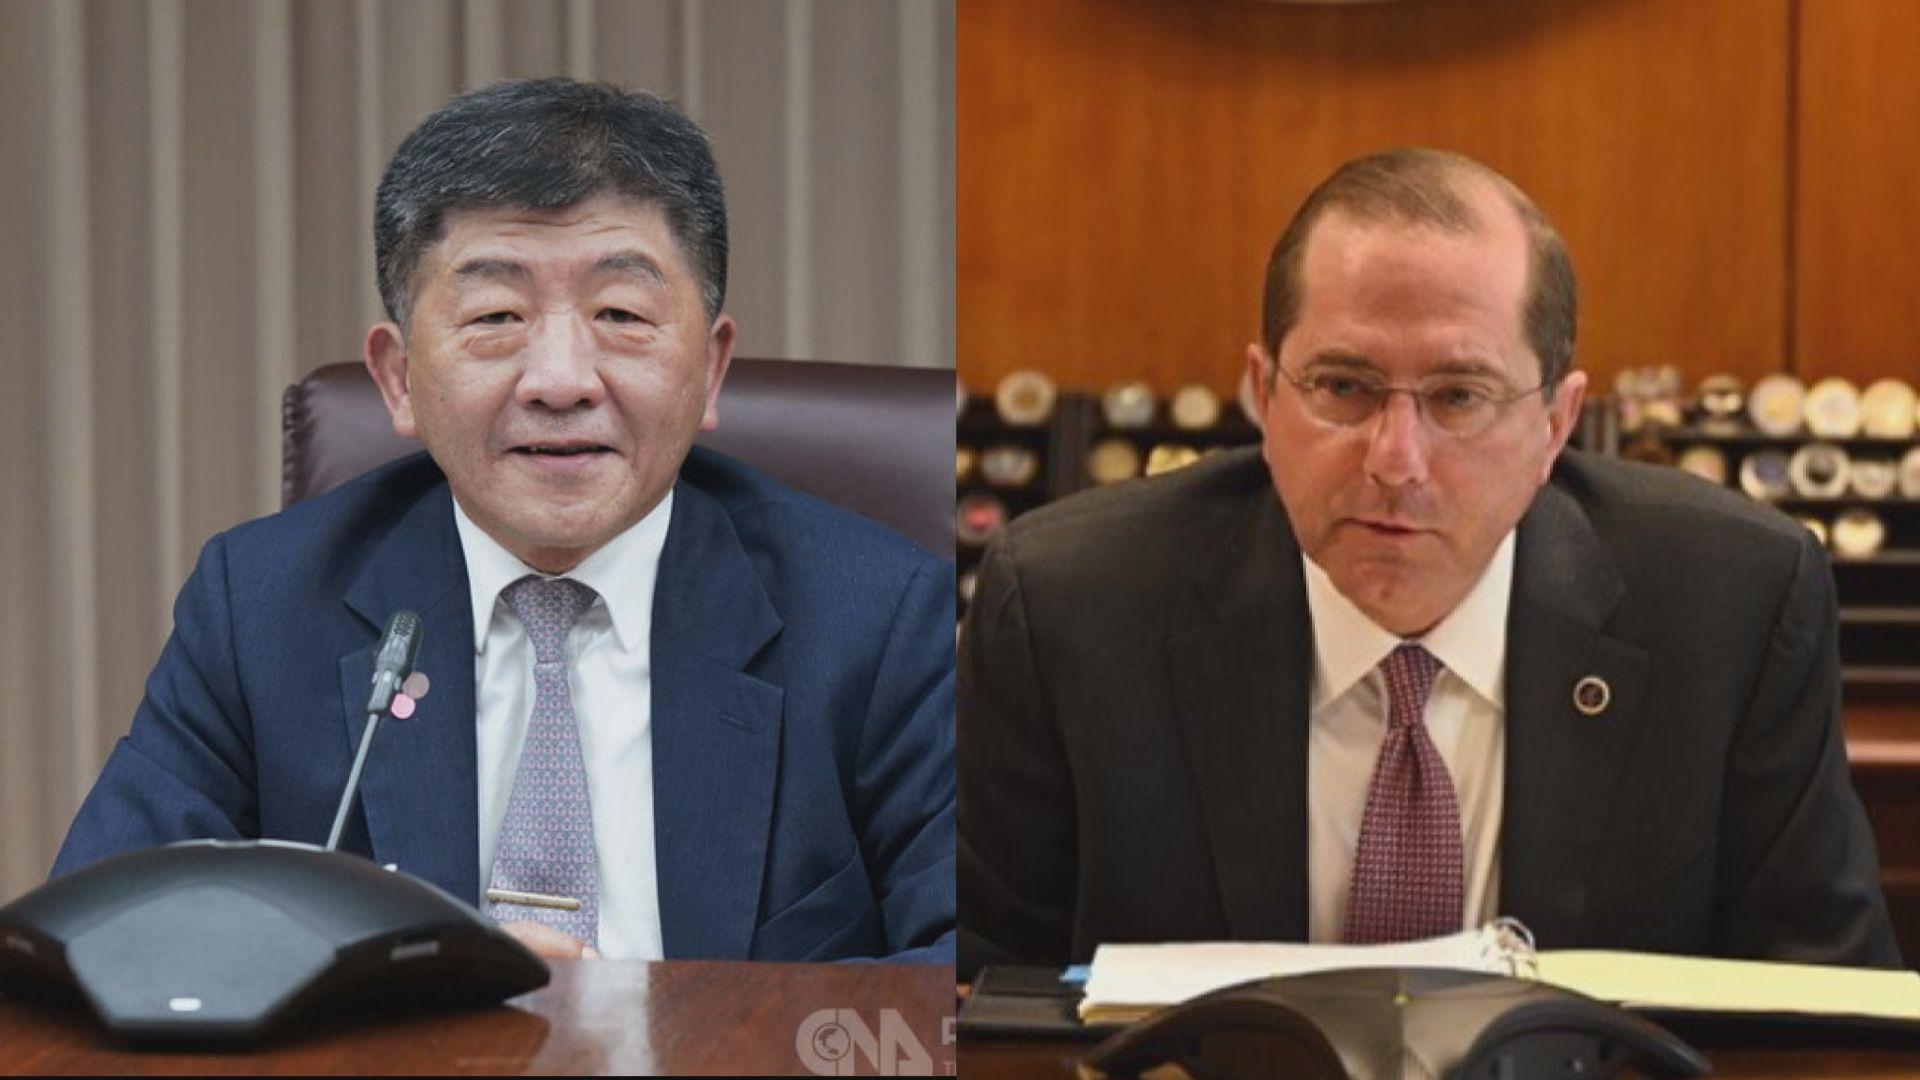 美台衞生部門部長通話 美國支持台灣擴大參與世衛事務